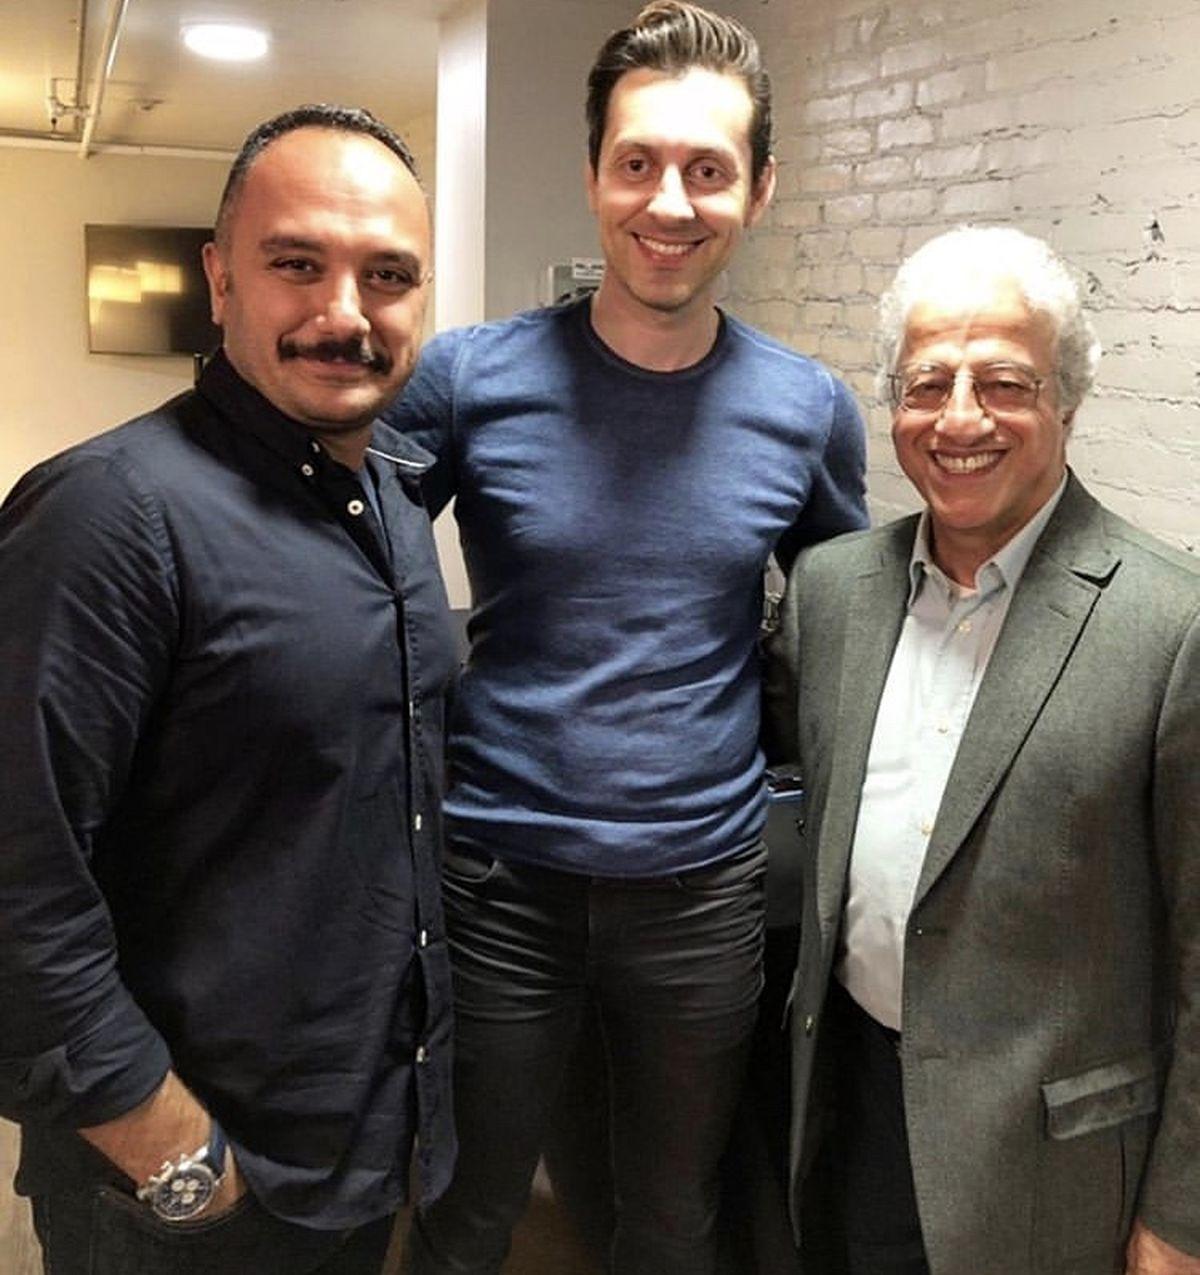 احسان کرمی و دوست بازیگر مشهورش + عکس